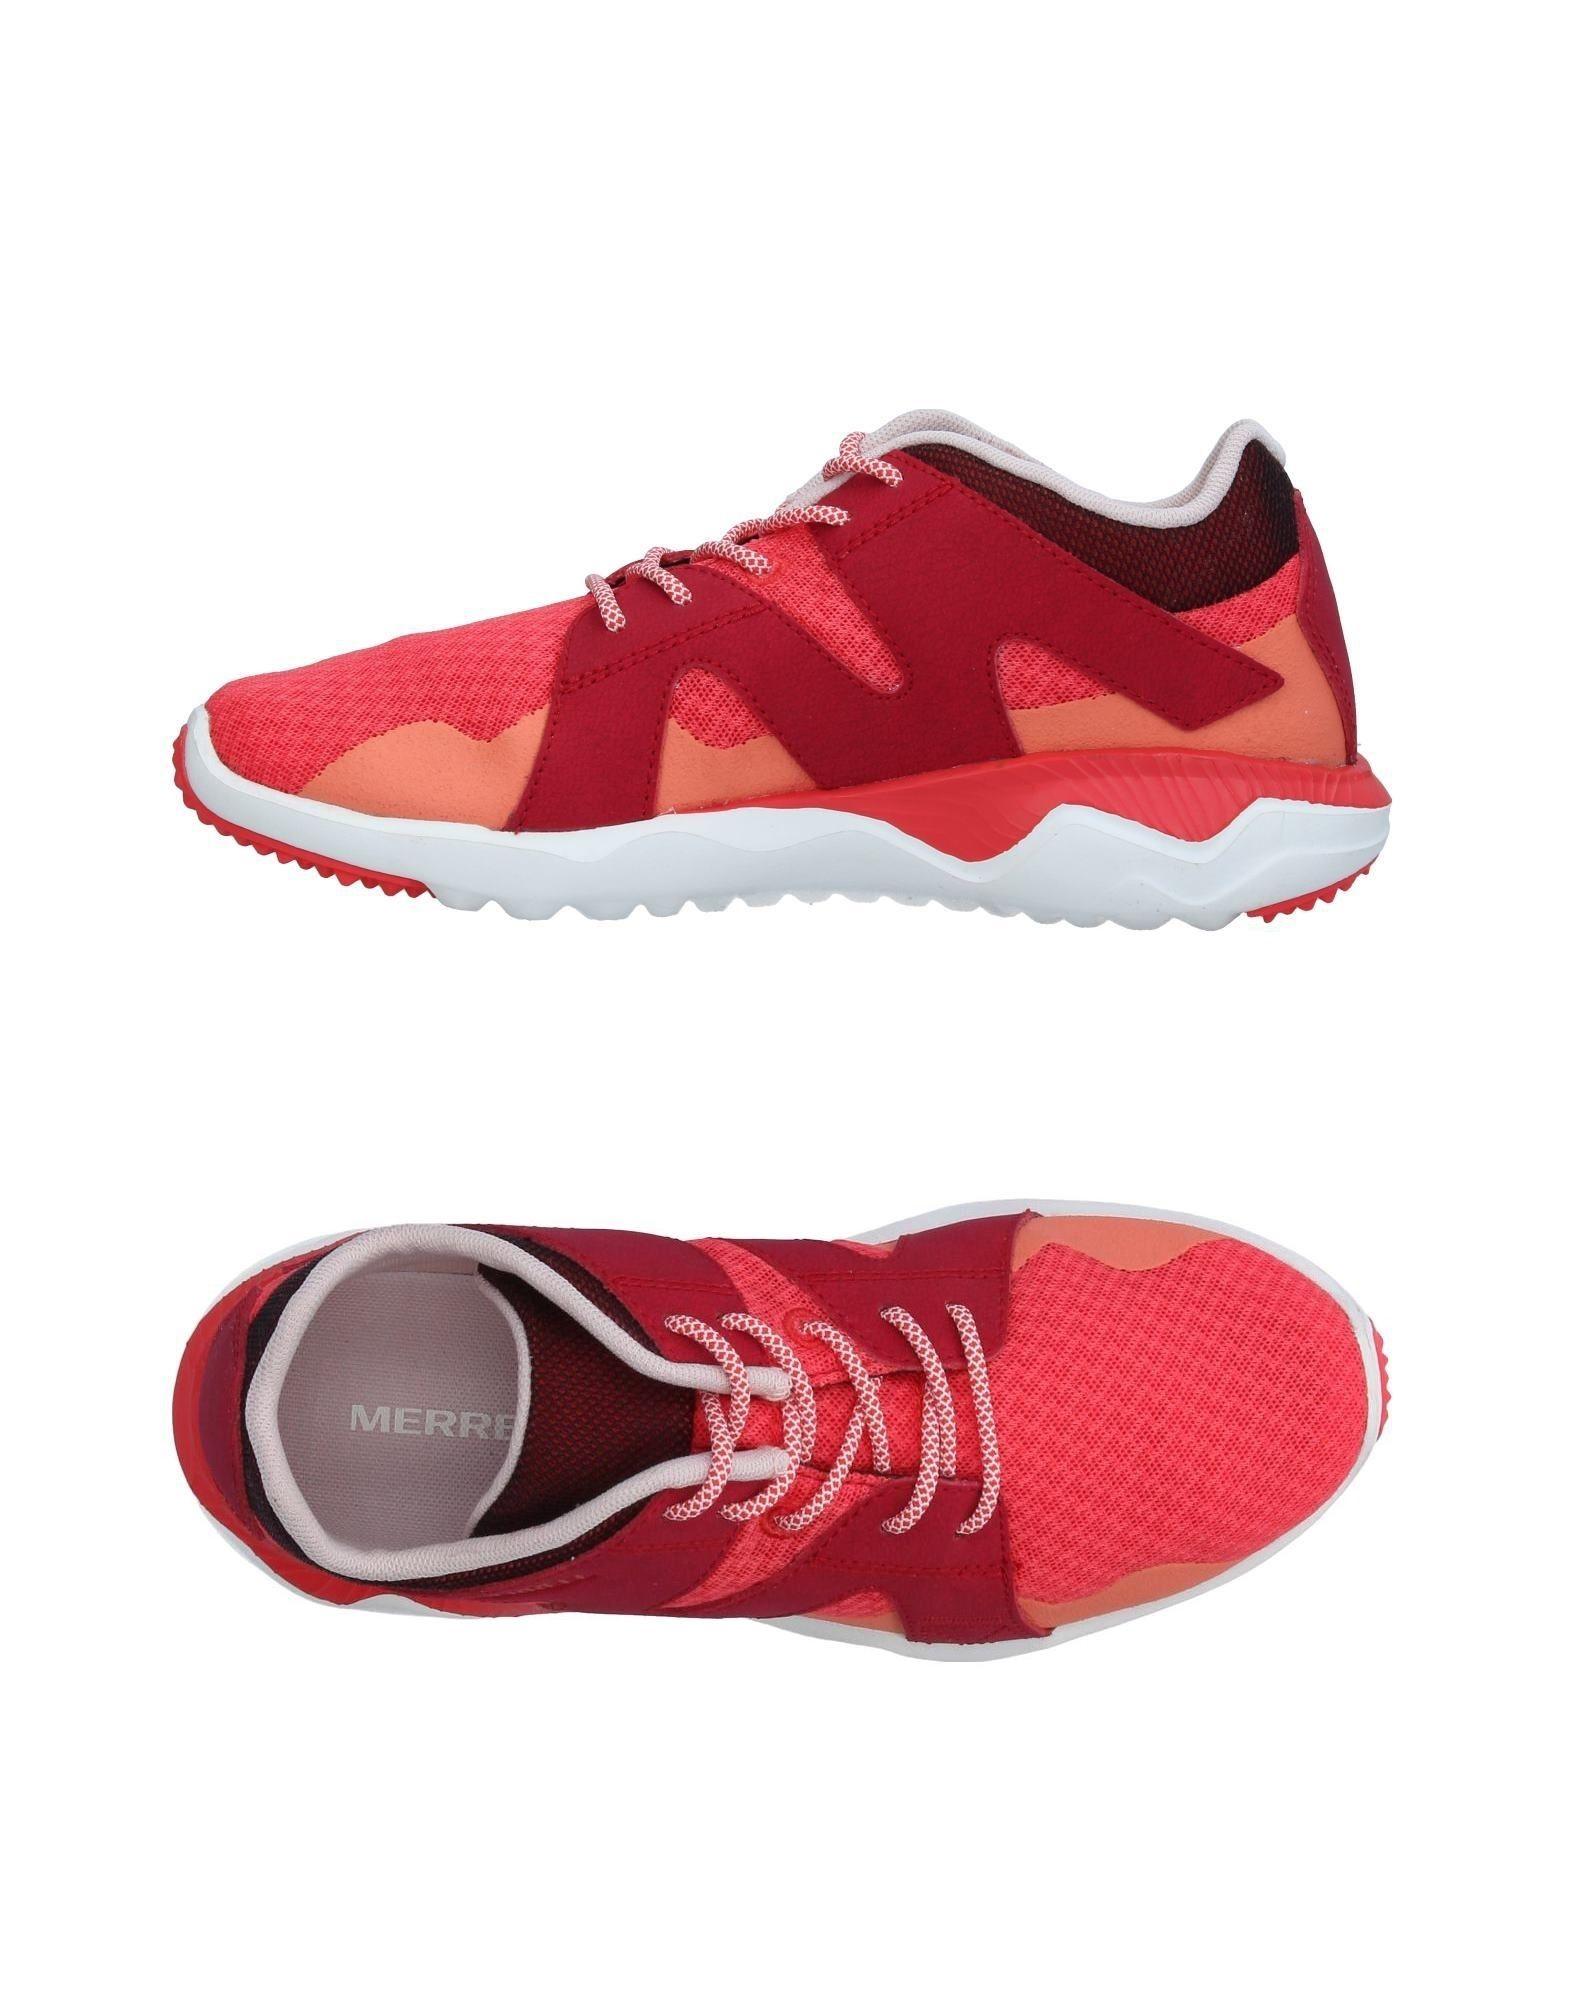 Merrell Sneakers Damen  11377157OWGünstige gut aussehende Schuhe